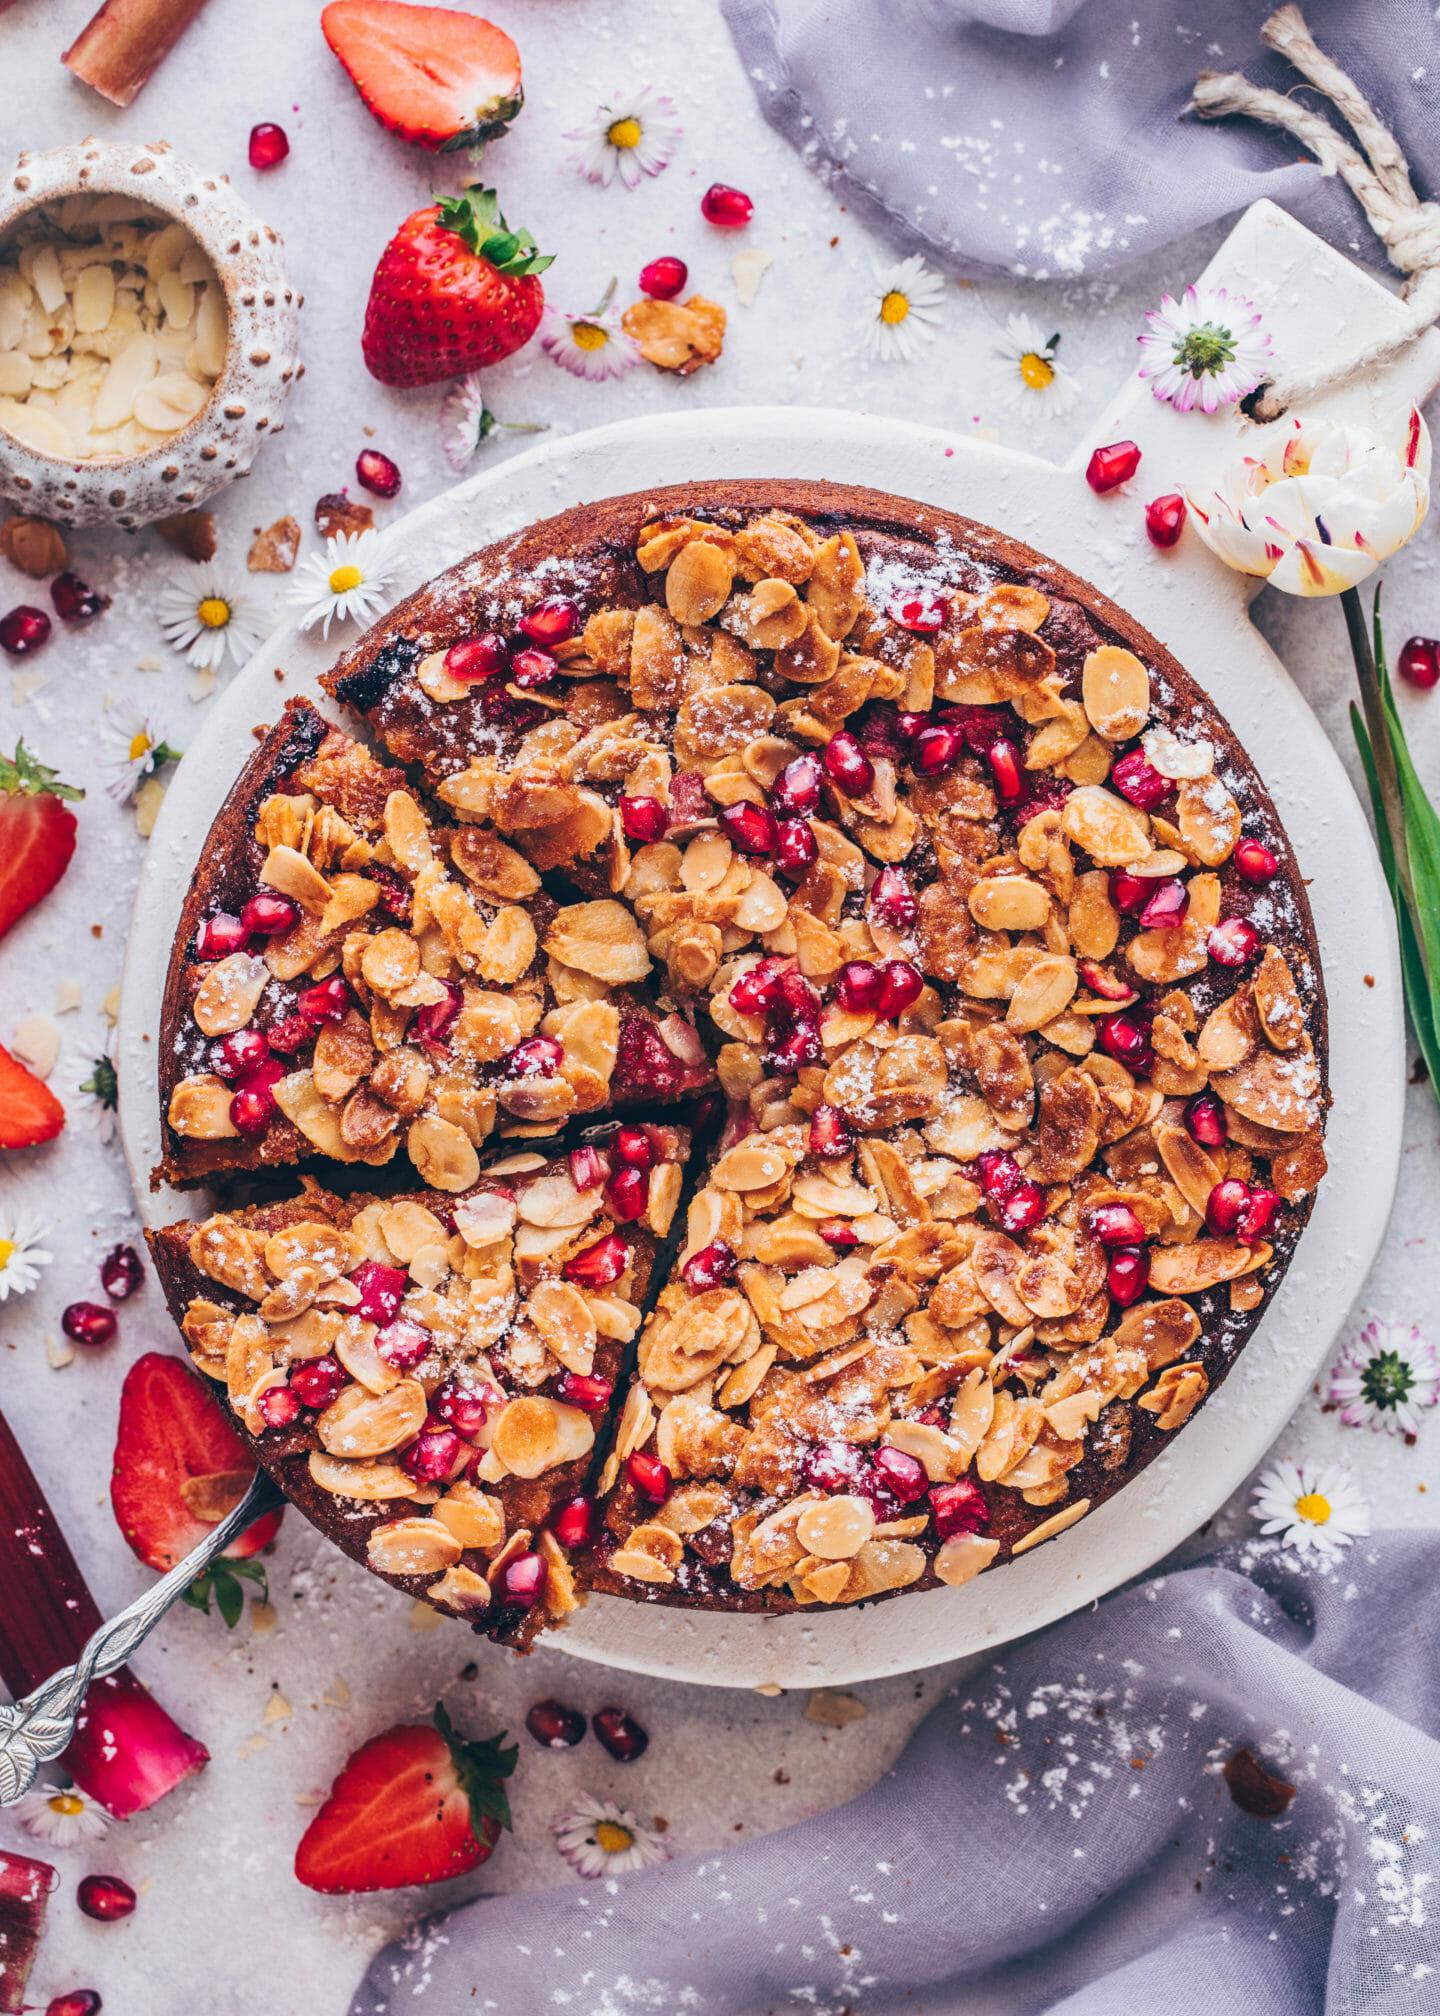 Erdbeer-Rhabarber-Kuchen mit Mandeln und Granatapfelkernen